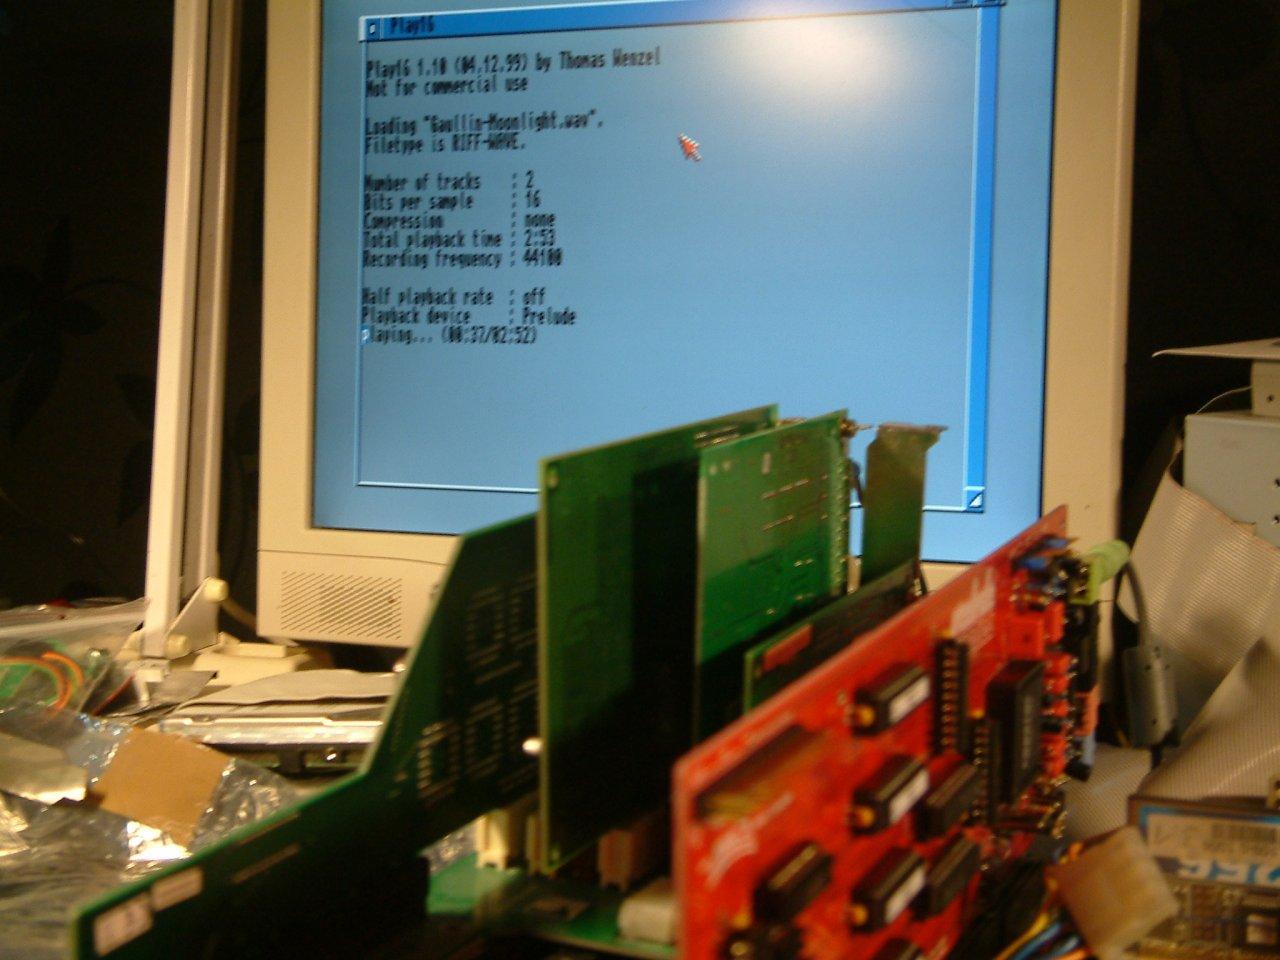 Klikněte na obrázek pro zobrazení větší verze  Název: DSCF0014.JPG Zobrazeno: 39 Velikost: 147,8 KB ID: 9892